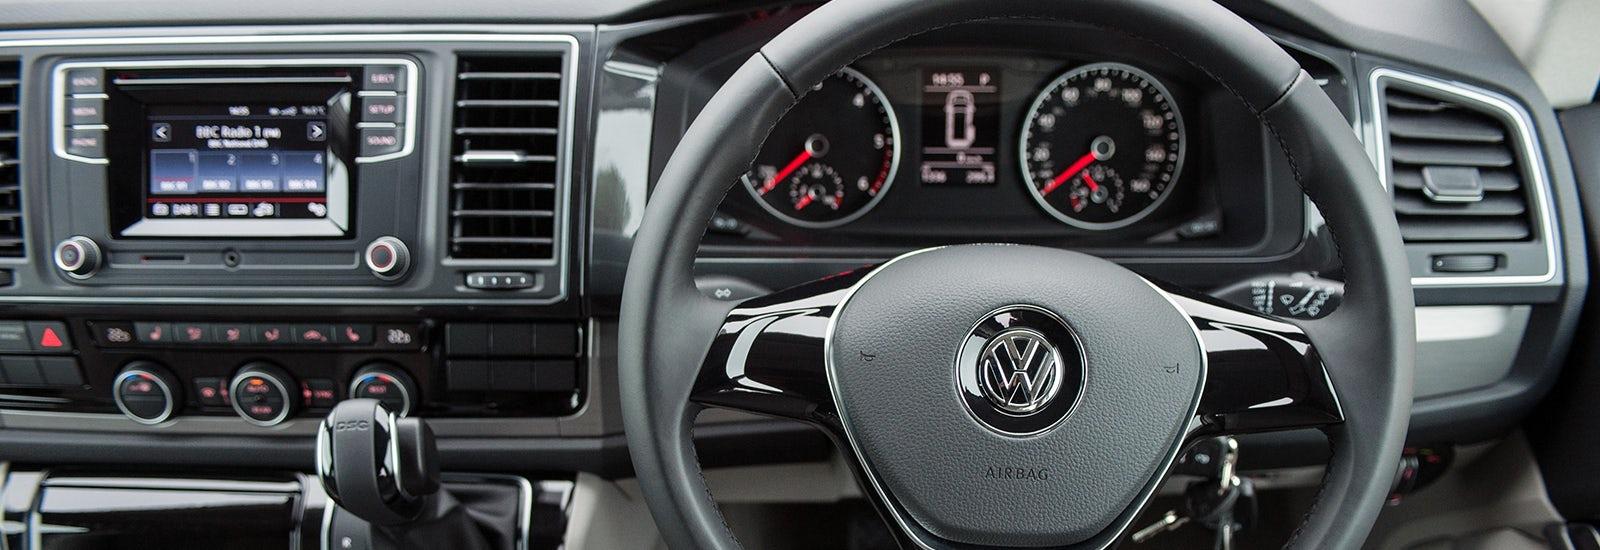 VW California Beach Vs Ocean Comparison